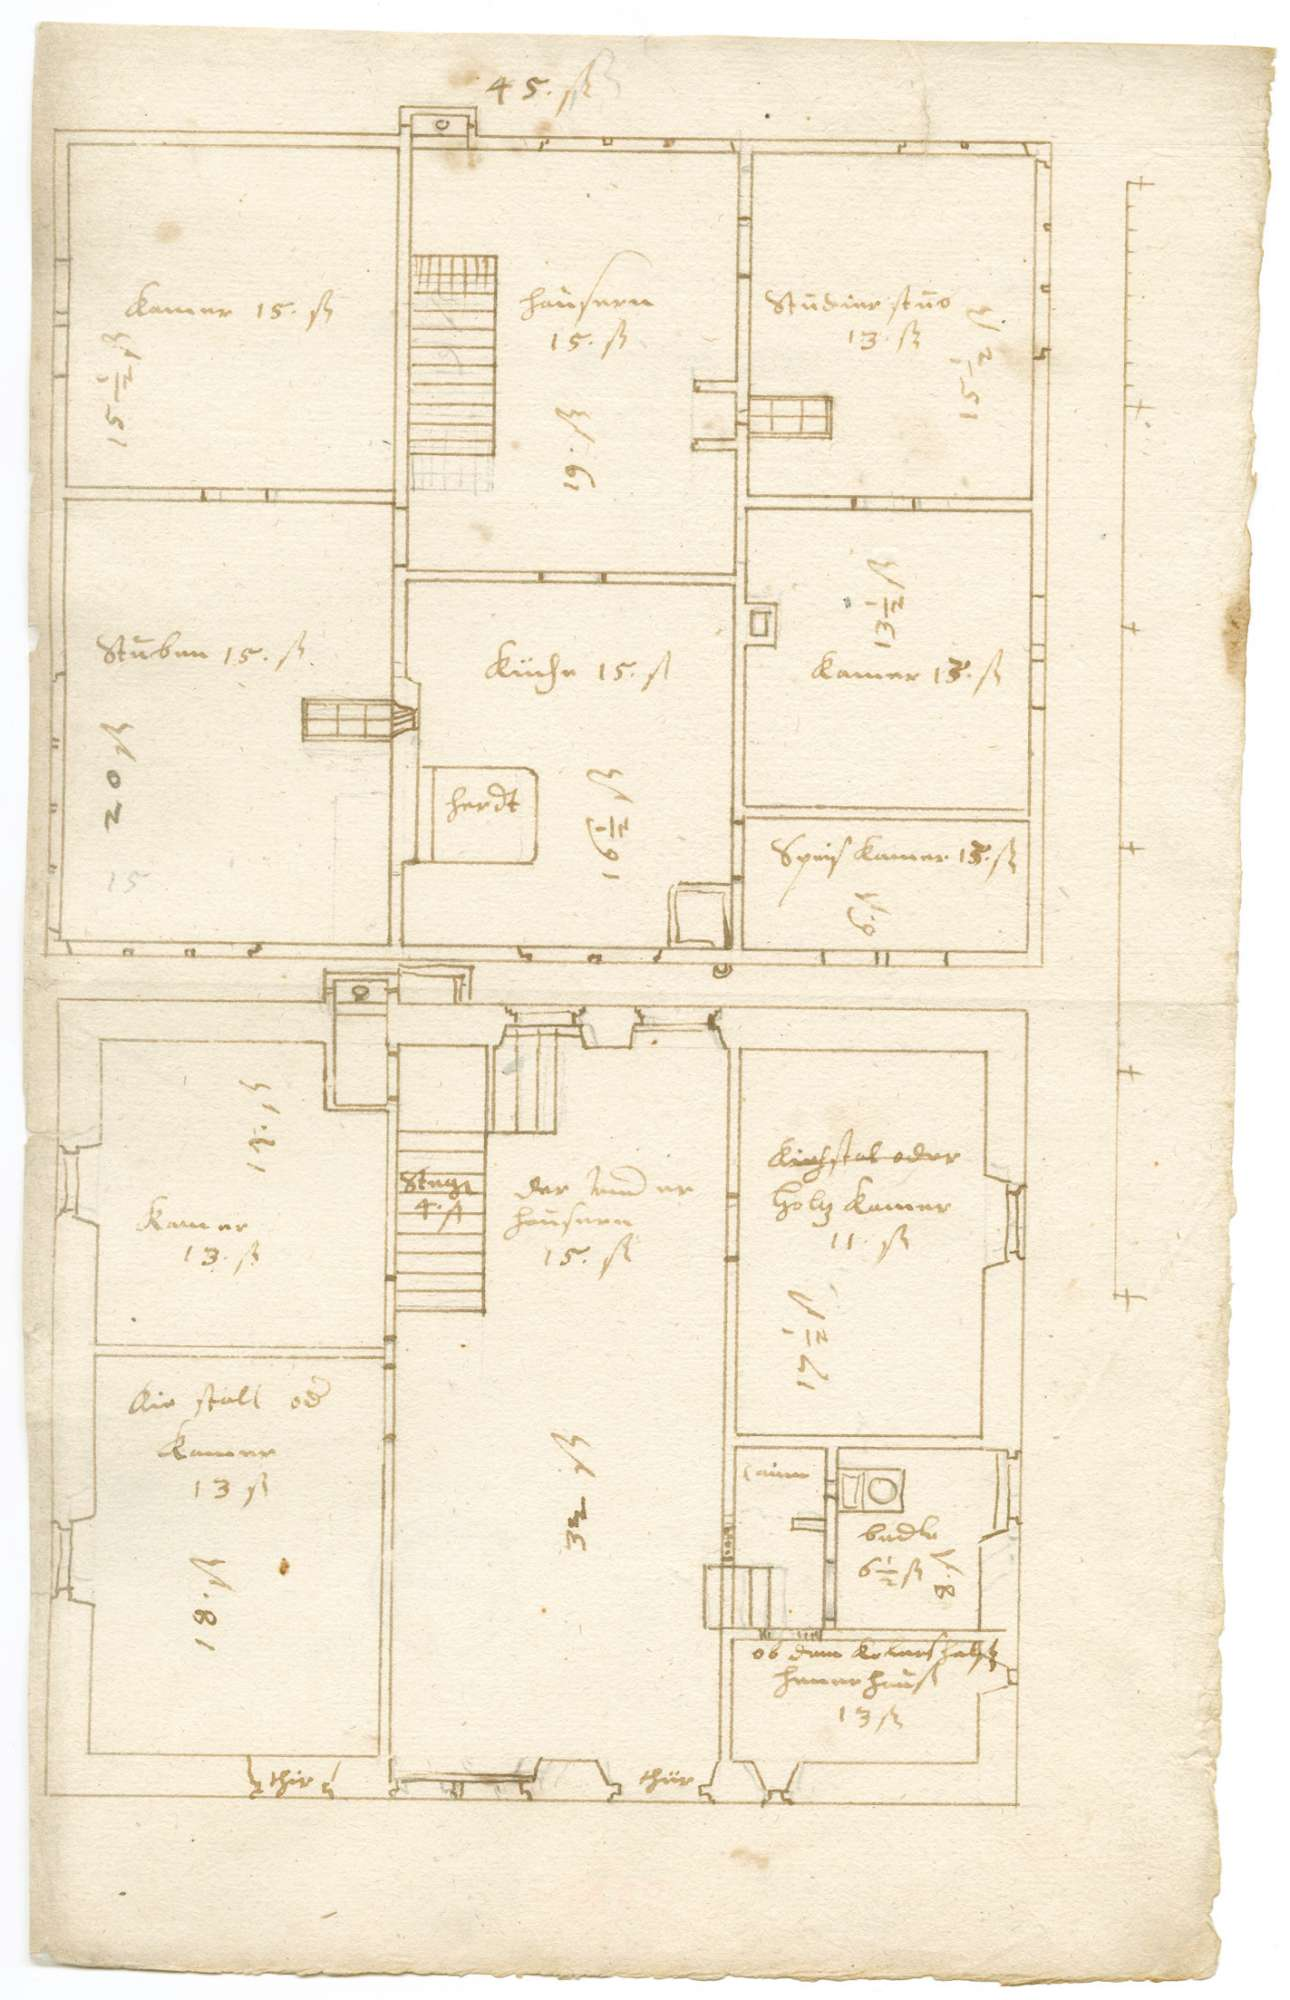 Grundriss von zwei Stockwerken mit Maßen und Bezeichnung der Zimmer (Folio); Aufriss mit Notiz zur Verwendung des Holzes vom alten Pfarrhaus in Köngen für einen Bau in Denkendorf, Bild 2